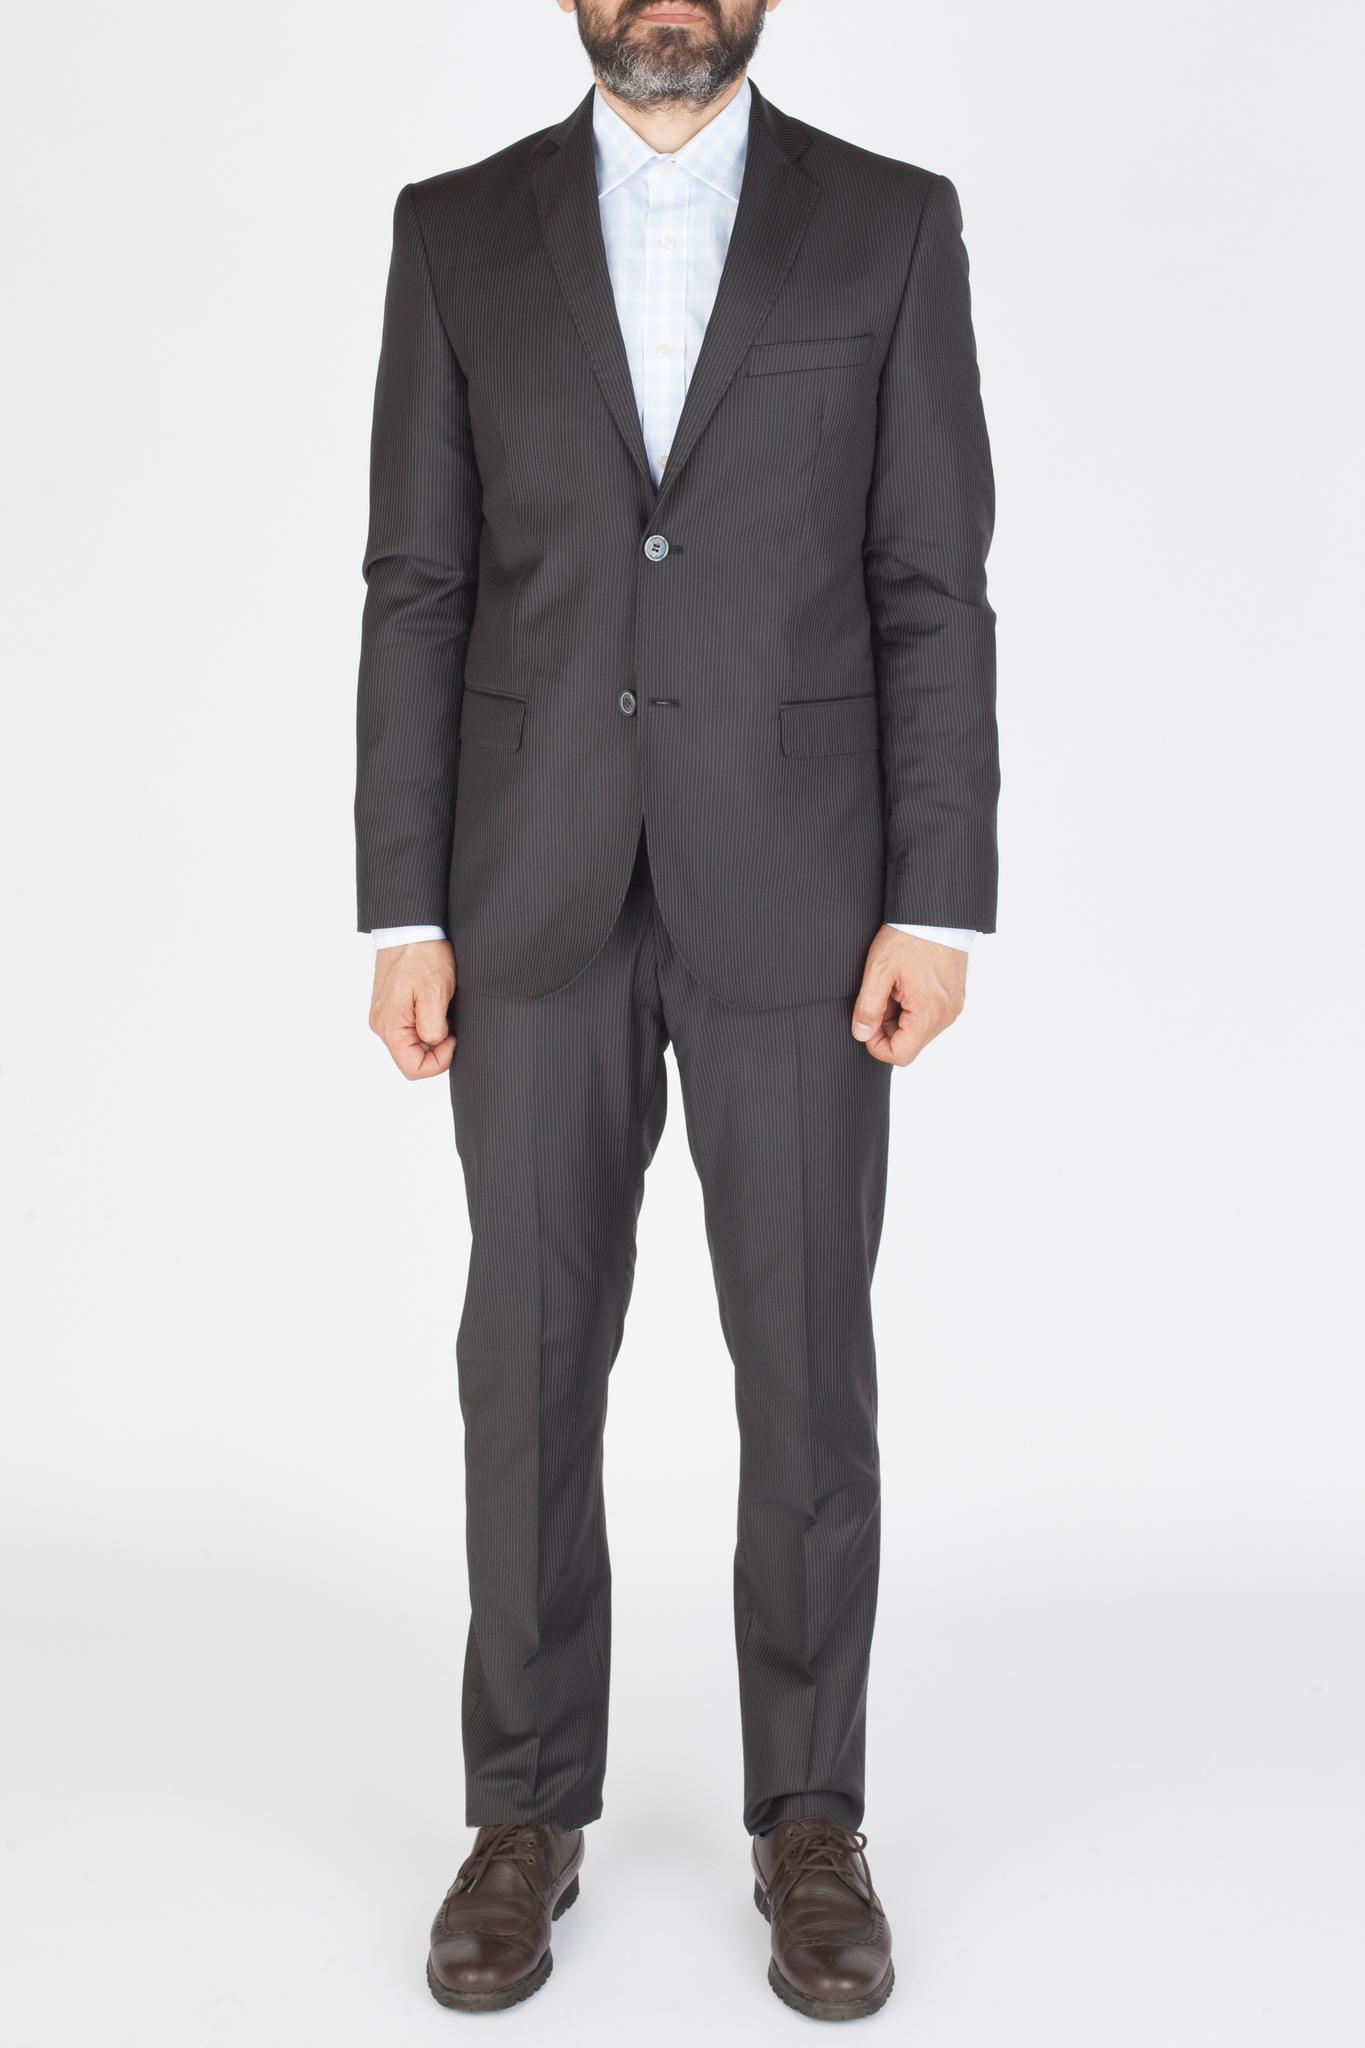 Тёмно-серый костюм в частую тонкую светлую полоску из 100%-ной шерсти